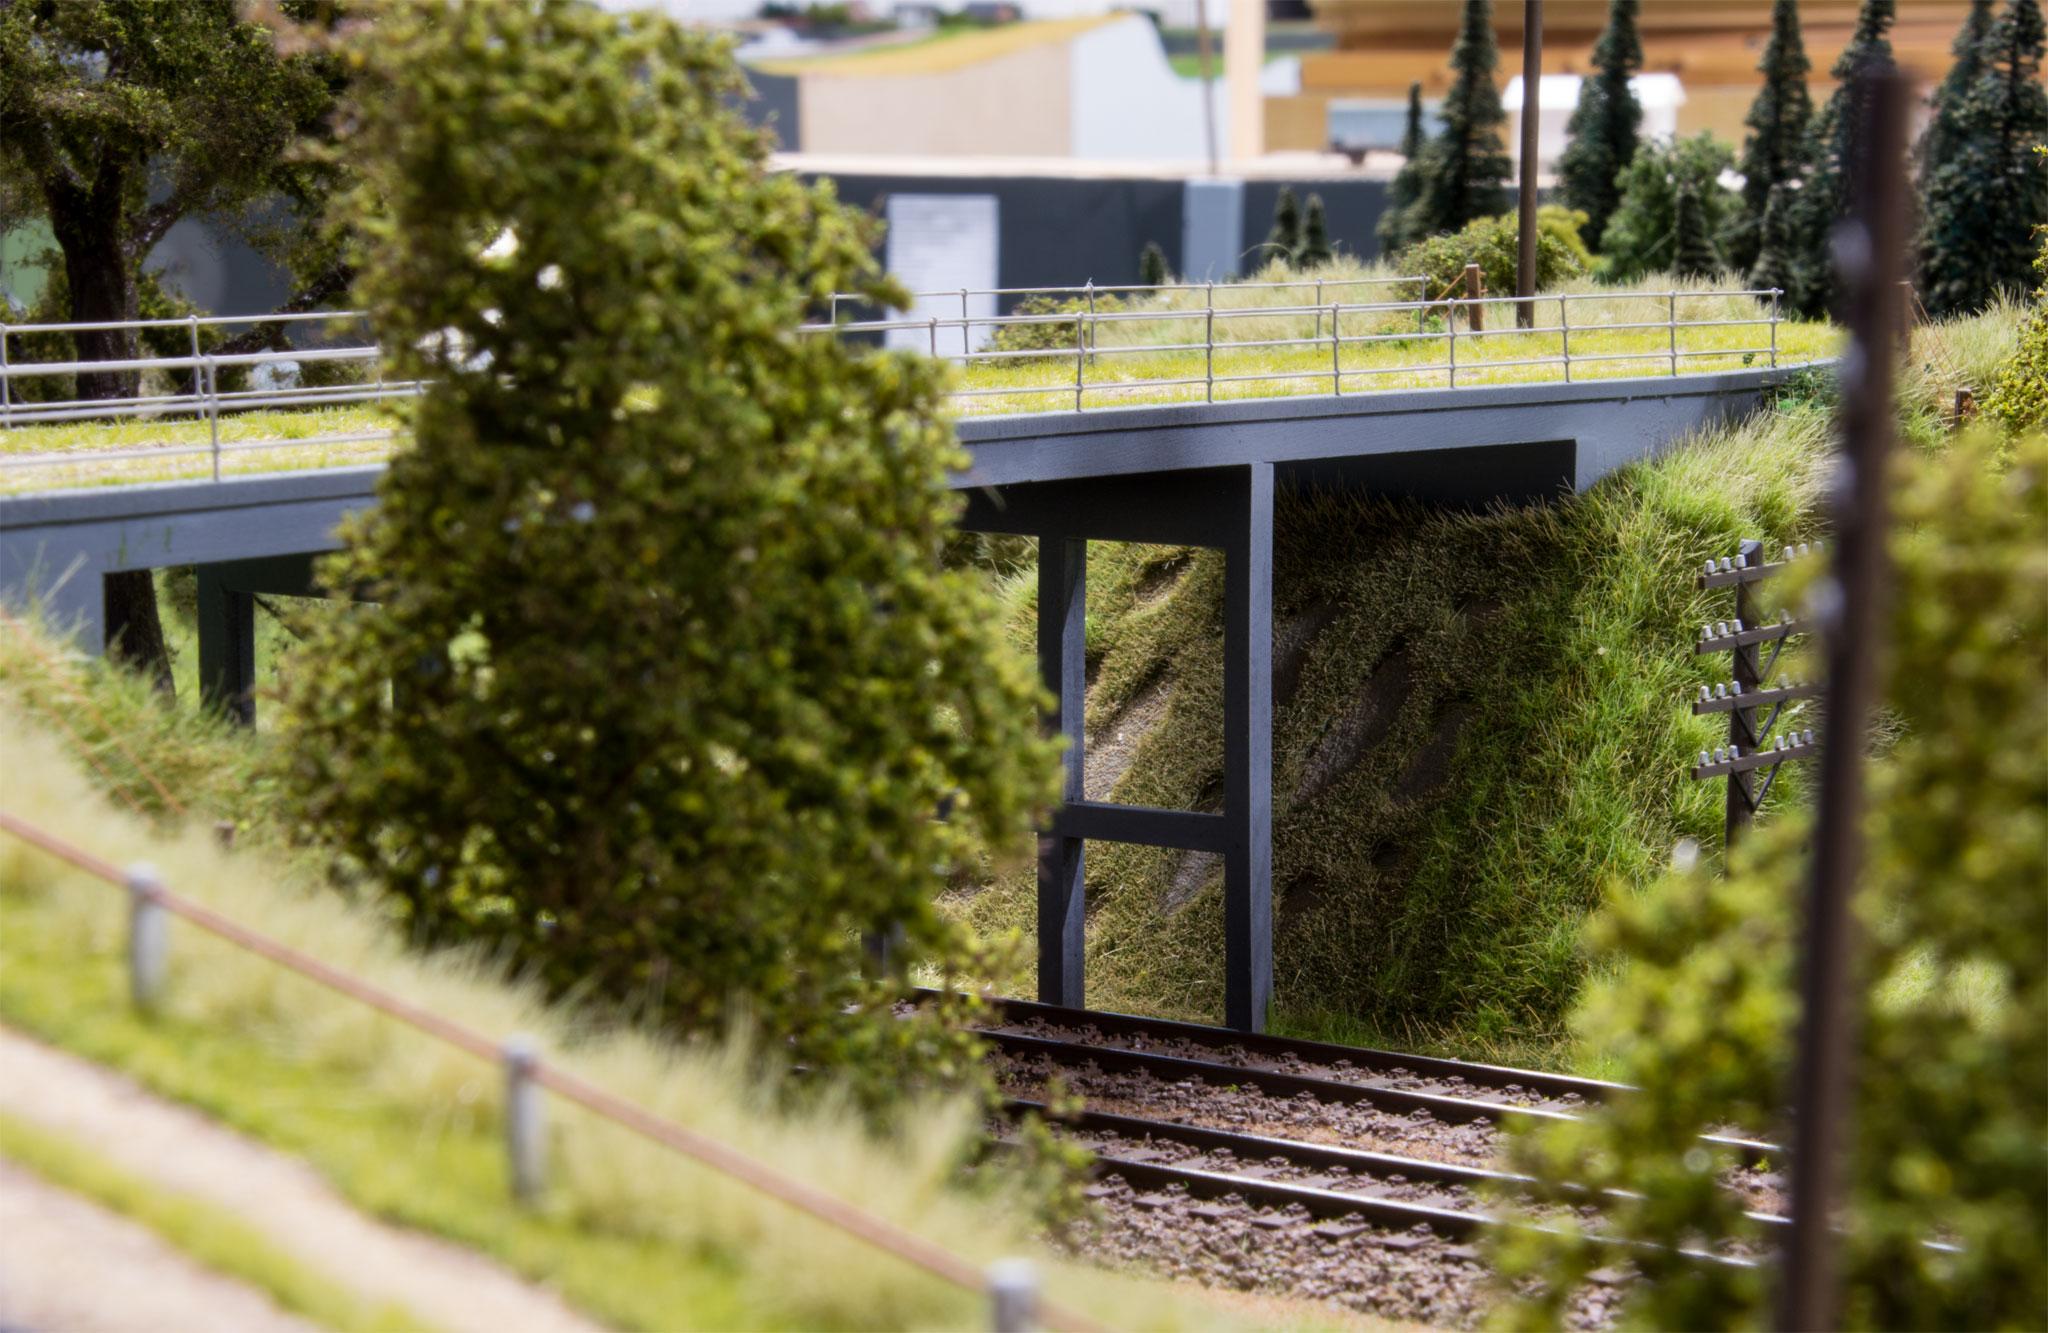 Kollerupbroen